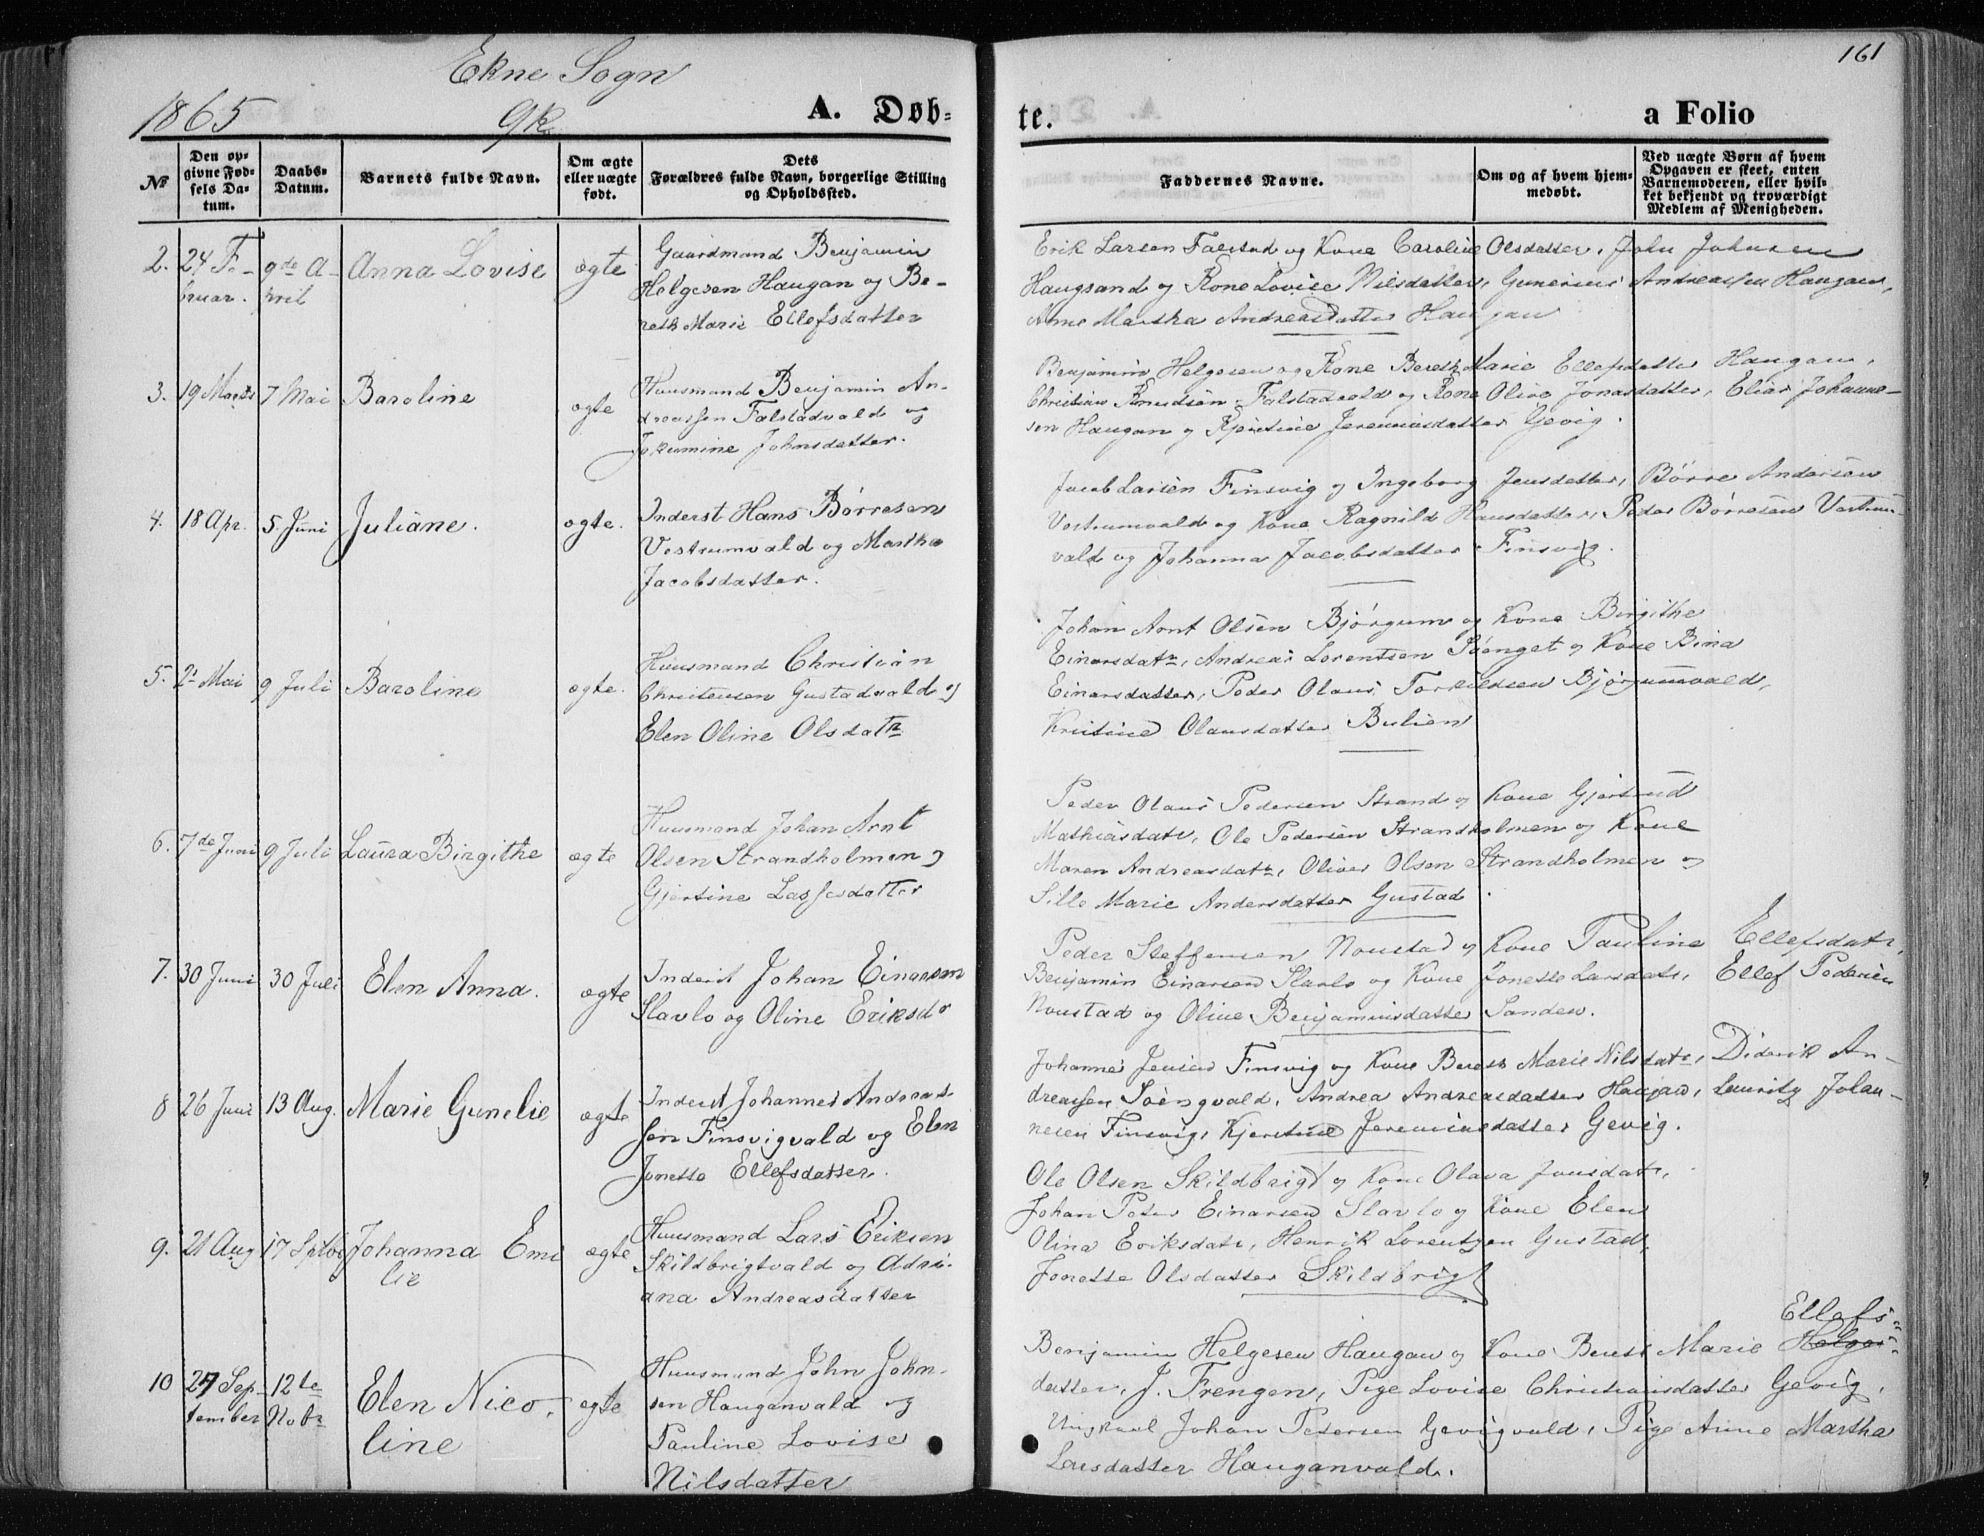 SAT, Ministerialprotokoller, klokkerbøker og fødselsregistre - Nord-Trøndelag, 717/L0158: Ministerialbok nr. 717A08 /2, 1863-1877, s. 161